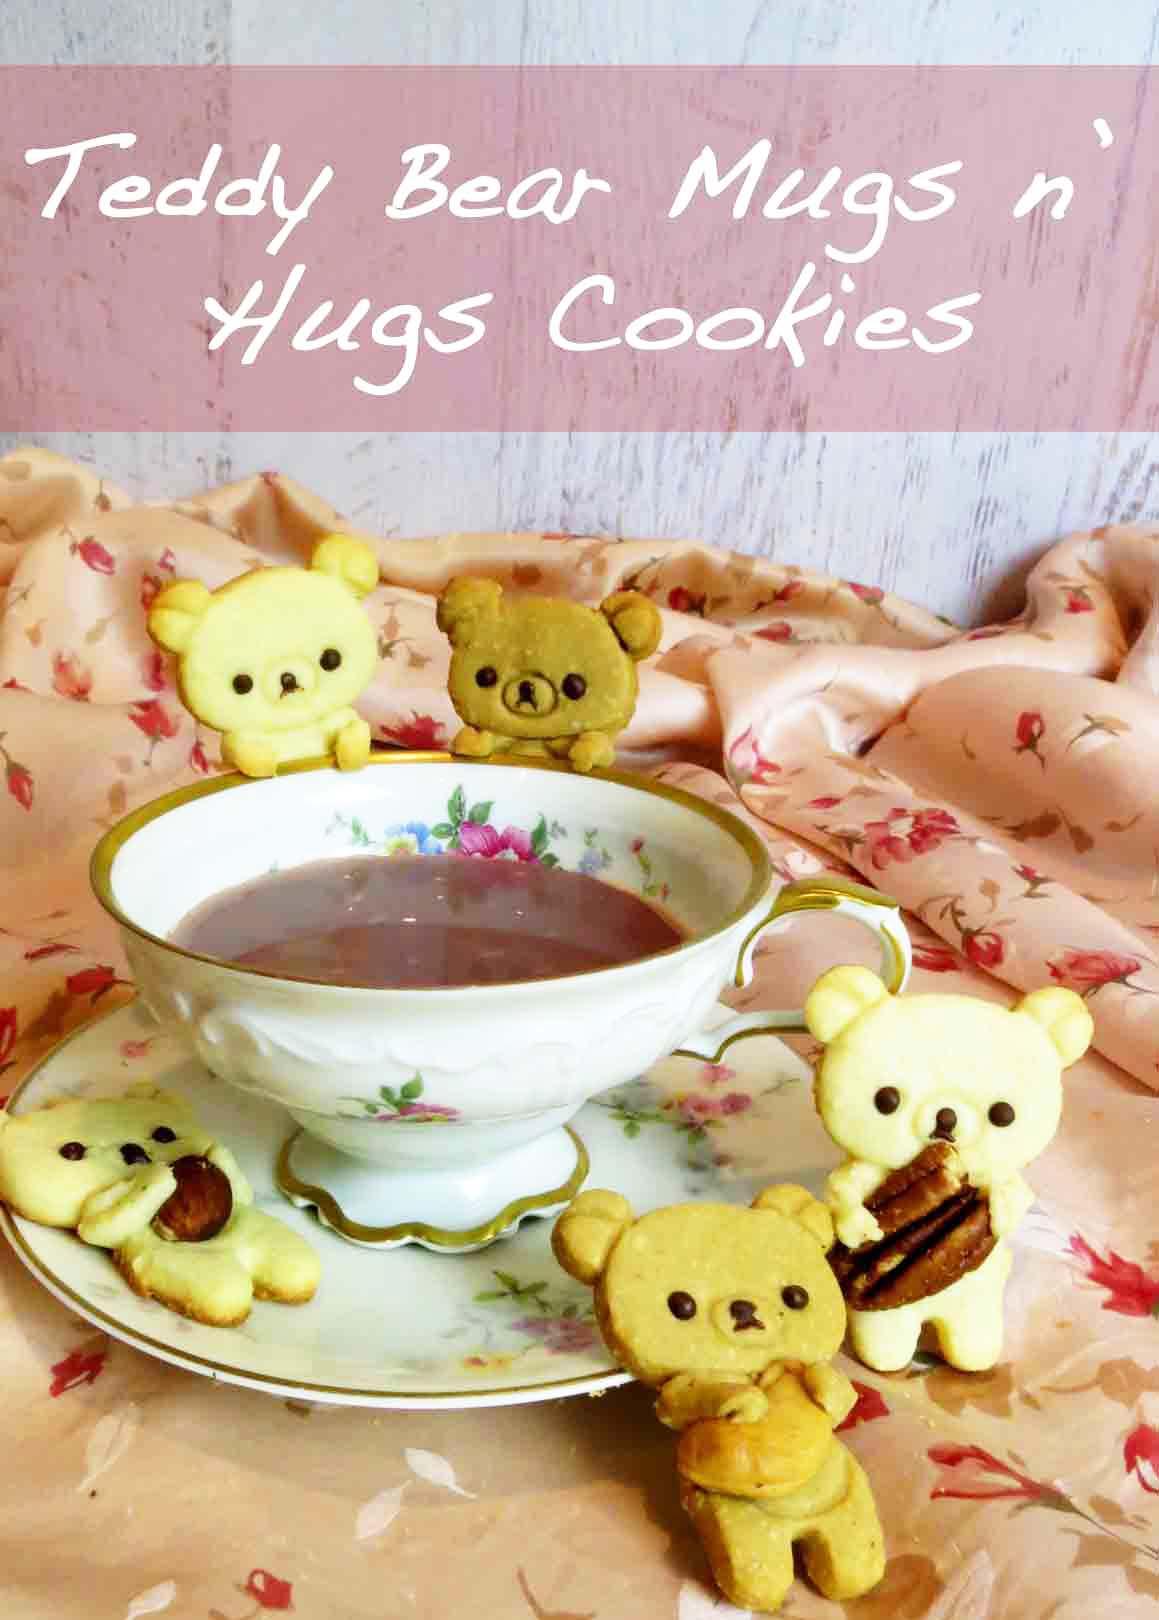 teddy-bear-cookies-banner.jpg